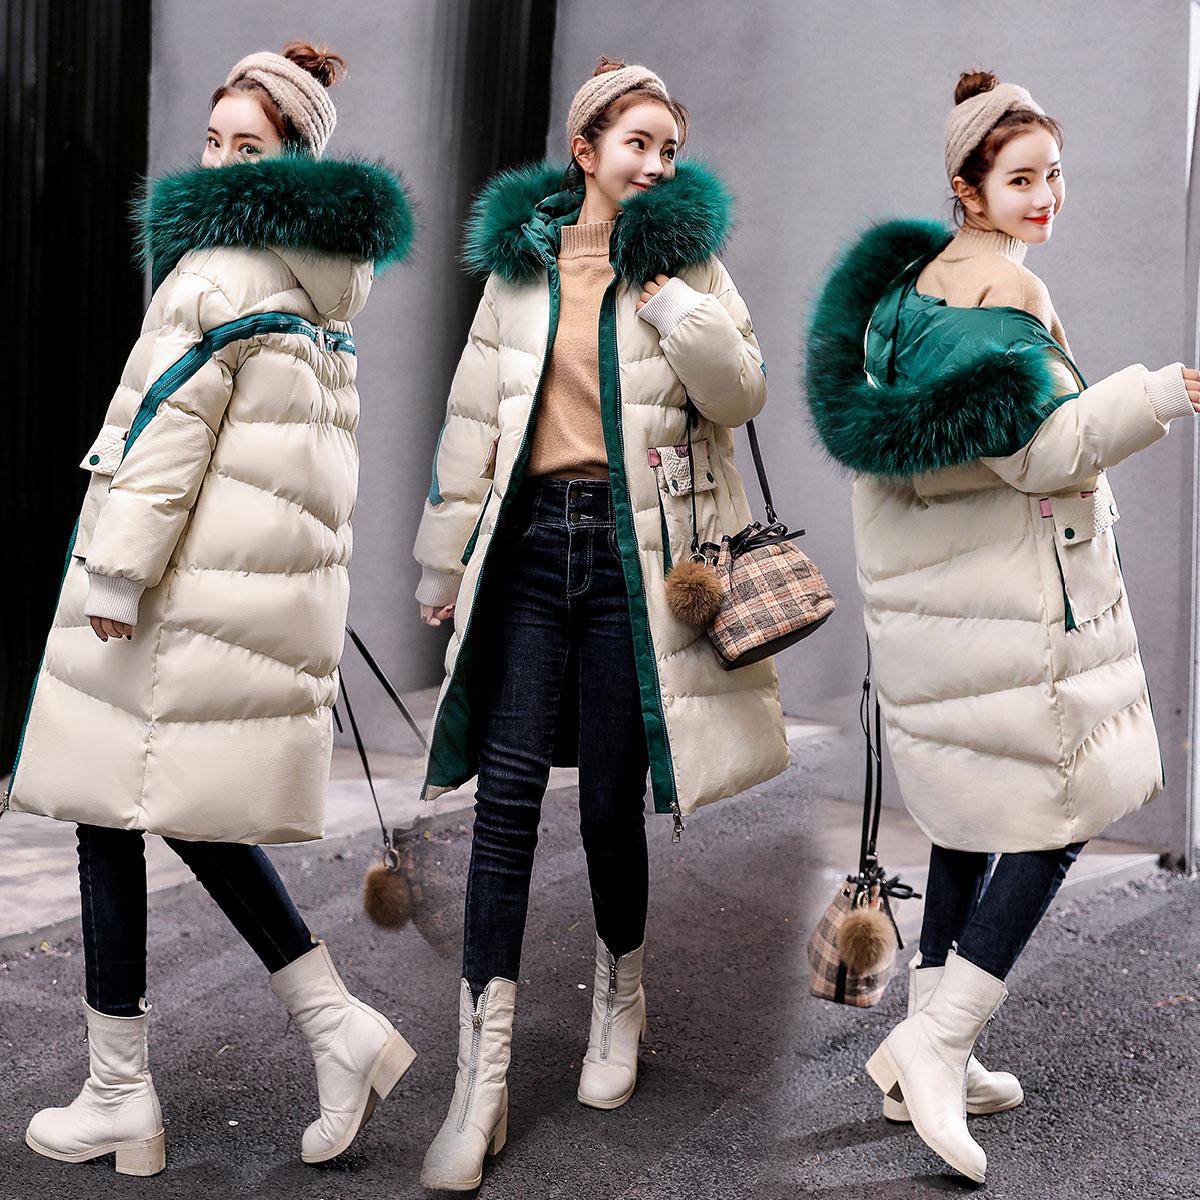 羽绒外套女中长款2019冬装新款棉服收腰女装百搭加厚过膝棉衣棉袄